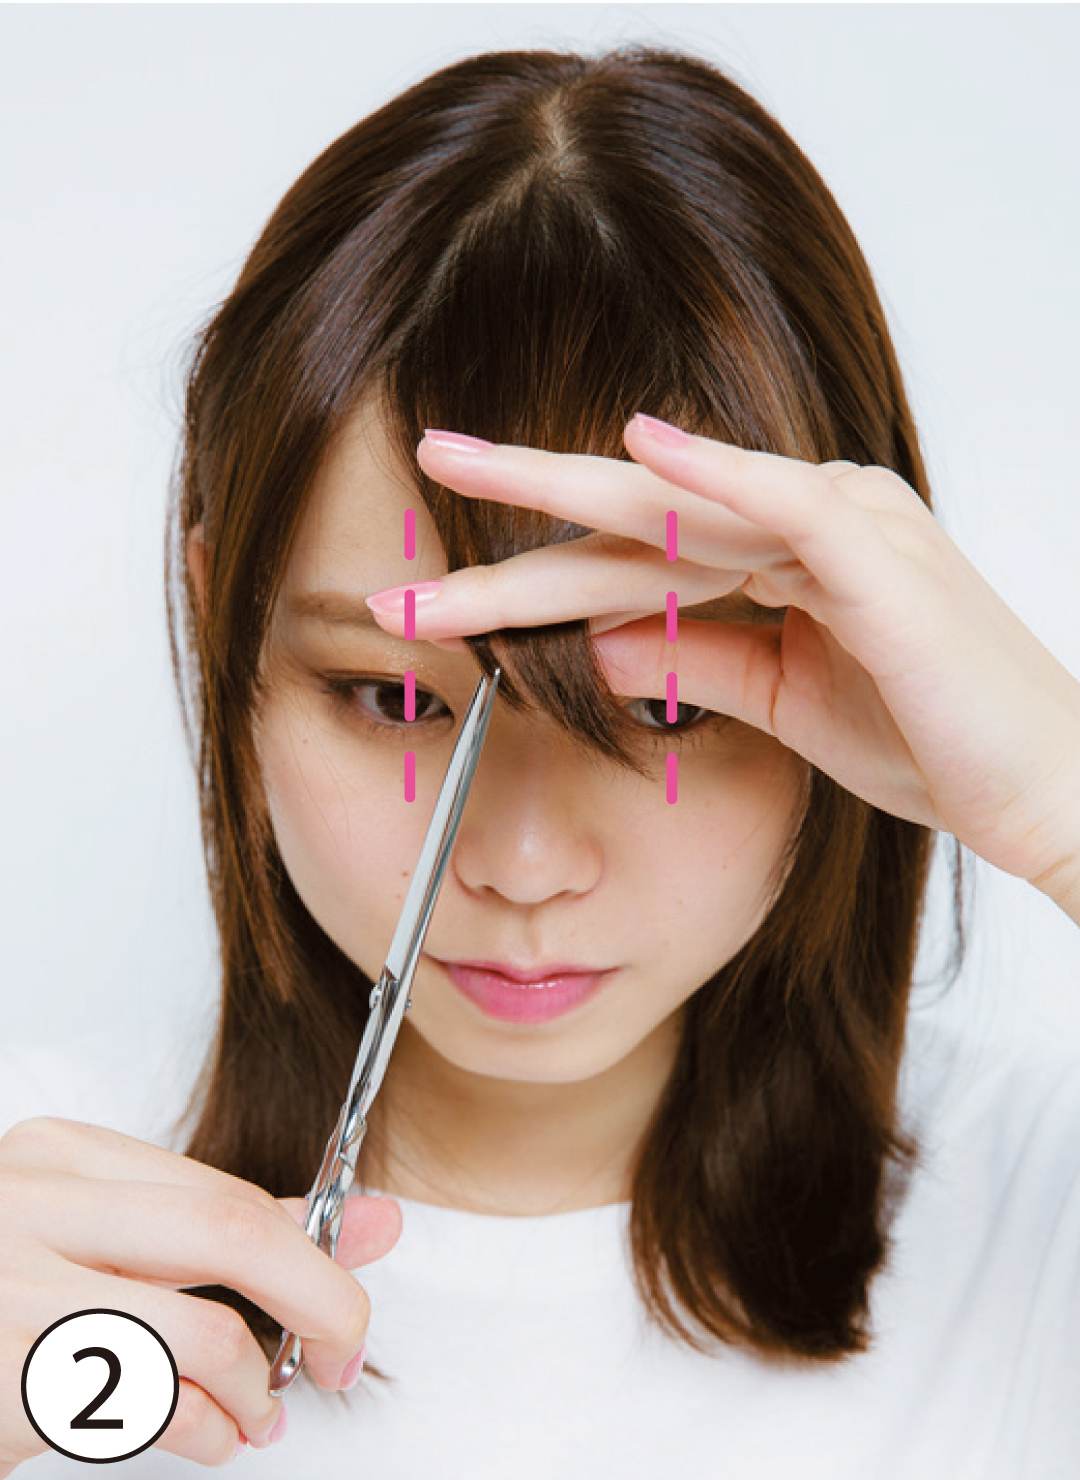 ②カットする前髪の幅を少しだけ狭く 基本のカット①で前髪を取る幅をやや狭くするのが、顔の横幅を目立たせないポイント。左右の黒目の中央よりもやや内側の幅にするのが目安。